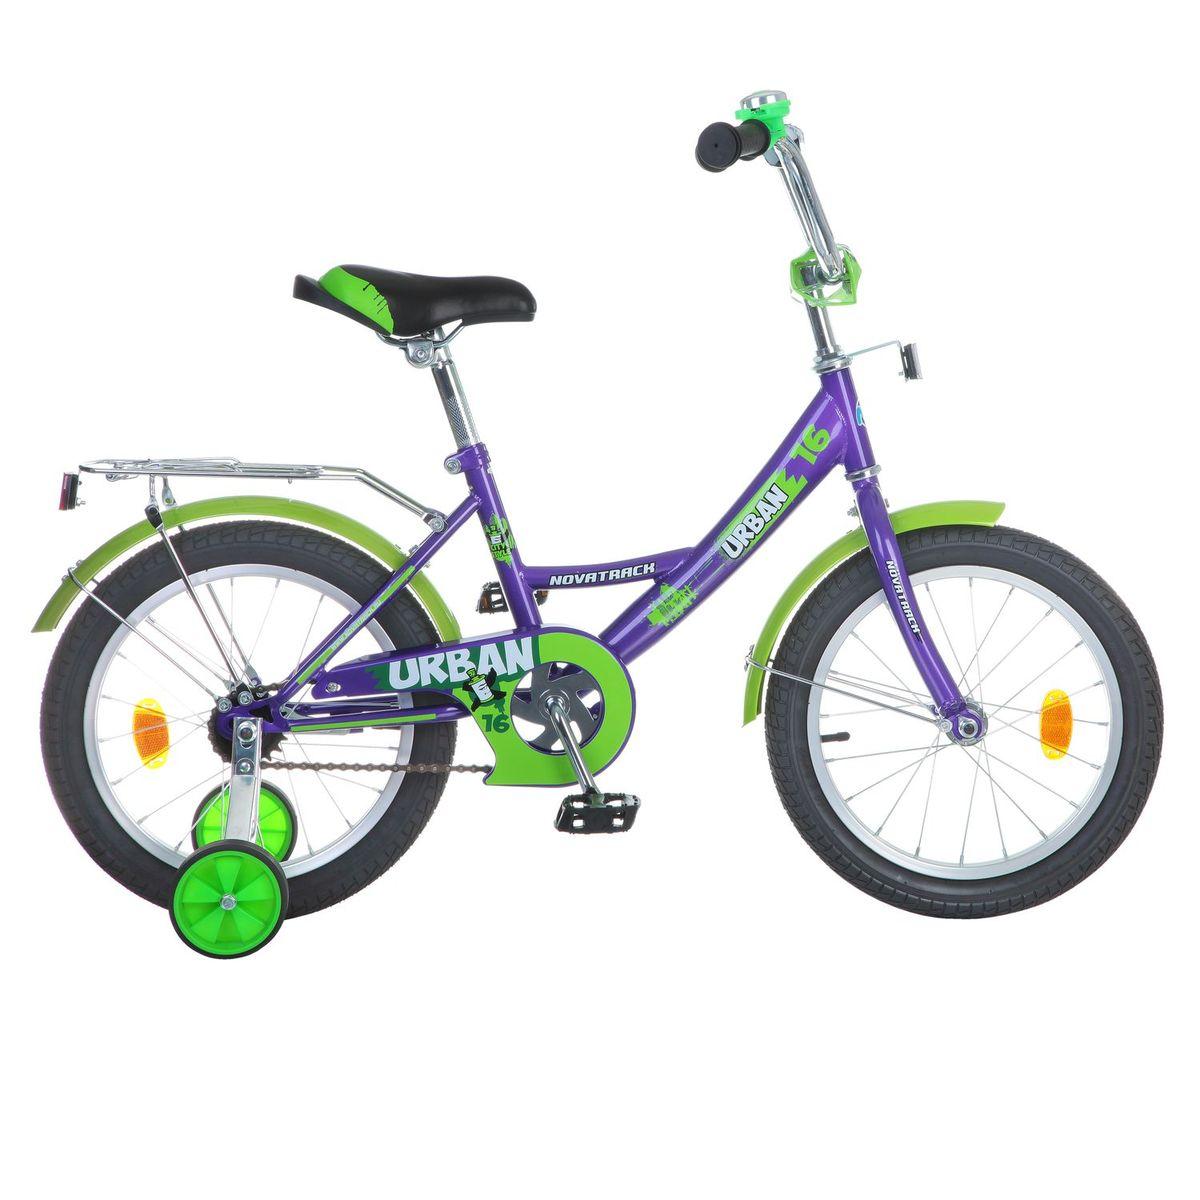 Велосипед детский Novatrack Urban 16, цвет: фиолетовый163URBAN.VL6Велосипед Novatrack Urban c 16-дюймовыми колесами это надежный велосипед для ребят 5-7 лет. Высокое качество сборки гарантирует, что велосипед прослужит долго, даже если ваш ребенок будет гонять на нем ежедневно по несколько часов подряд. Велосипед оснащен защитой цепи, которая не позволит ногам и одежде попасть в мезанизм. Велосипед оборудован багажником обязательным атрибутом любого детского велосипеда. Для безопасности установлено целых 4 светоотражателя задний, передний и по одному на каждом из основных колес. Колеса закрыты крыльями, которые защитят ребенка от грязи и брызг. А ножной тормоз позволит быстро остановиться, в случае необходимости.